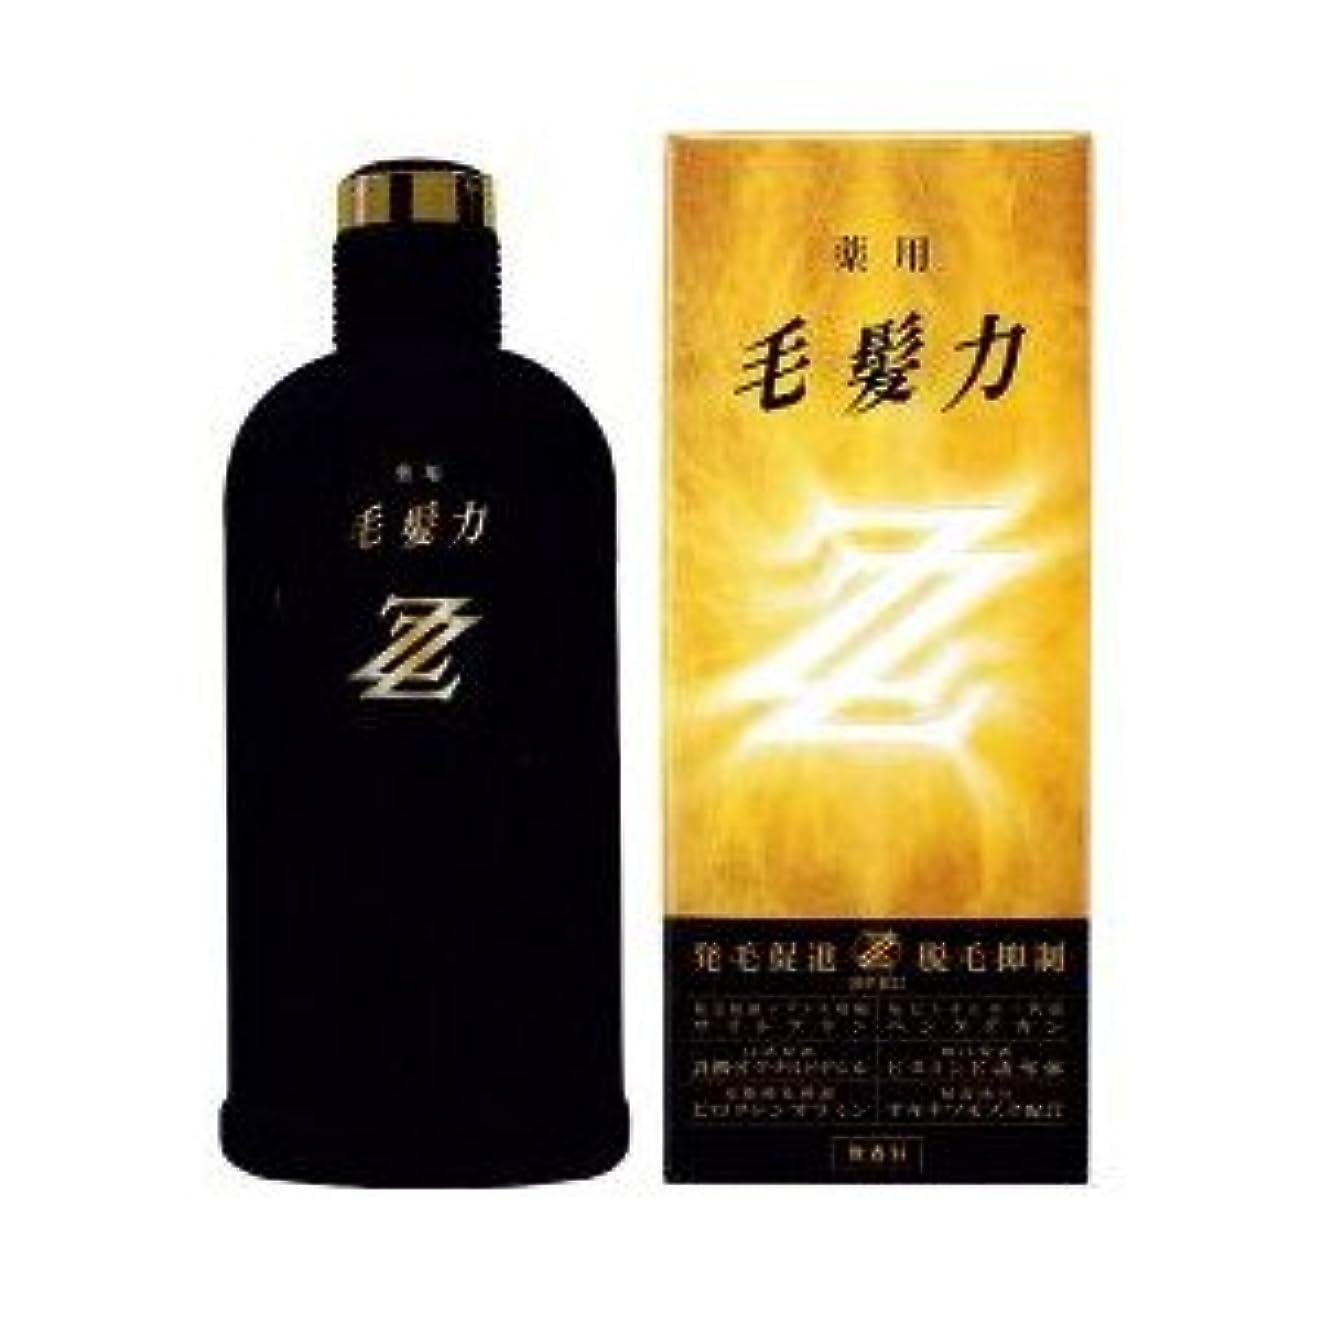 聴衆ベテラン練習ライオン 薬用毛髪力ZZ 無香料 200ML